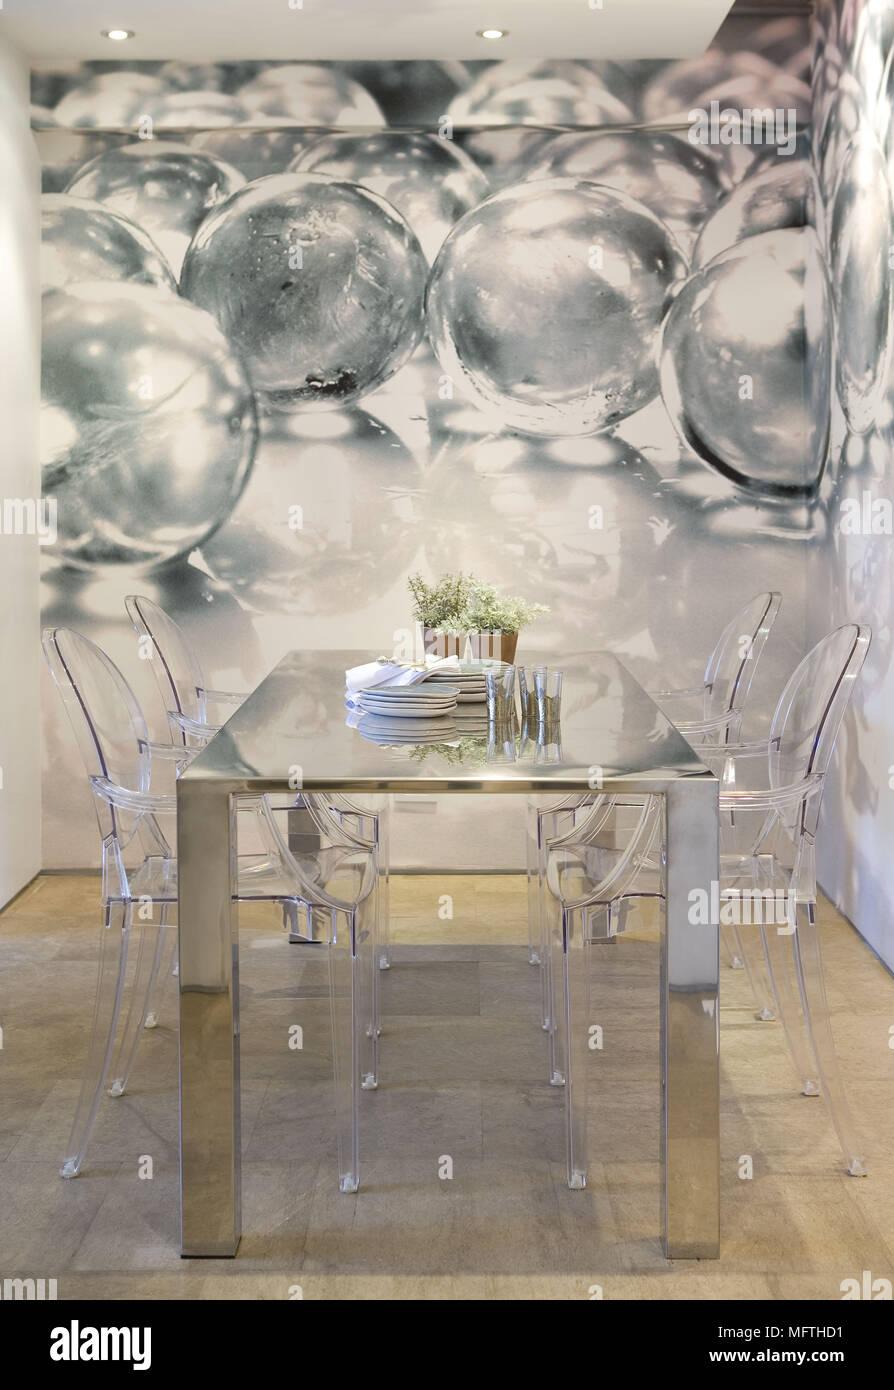 Chaises Louis Ghost De Philippe Starck Chez Metal Table Dans La Salle Manger Moderne